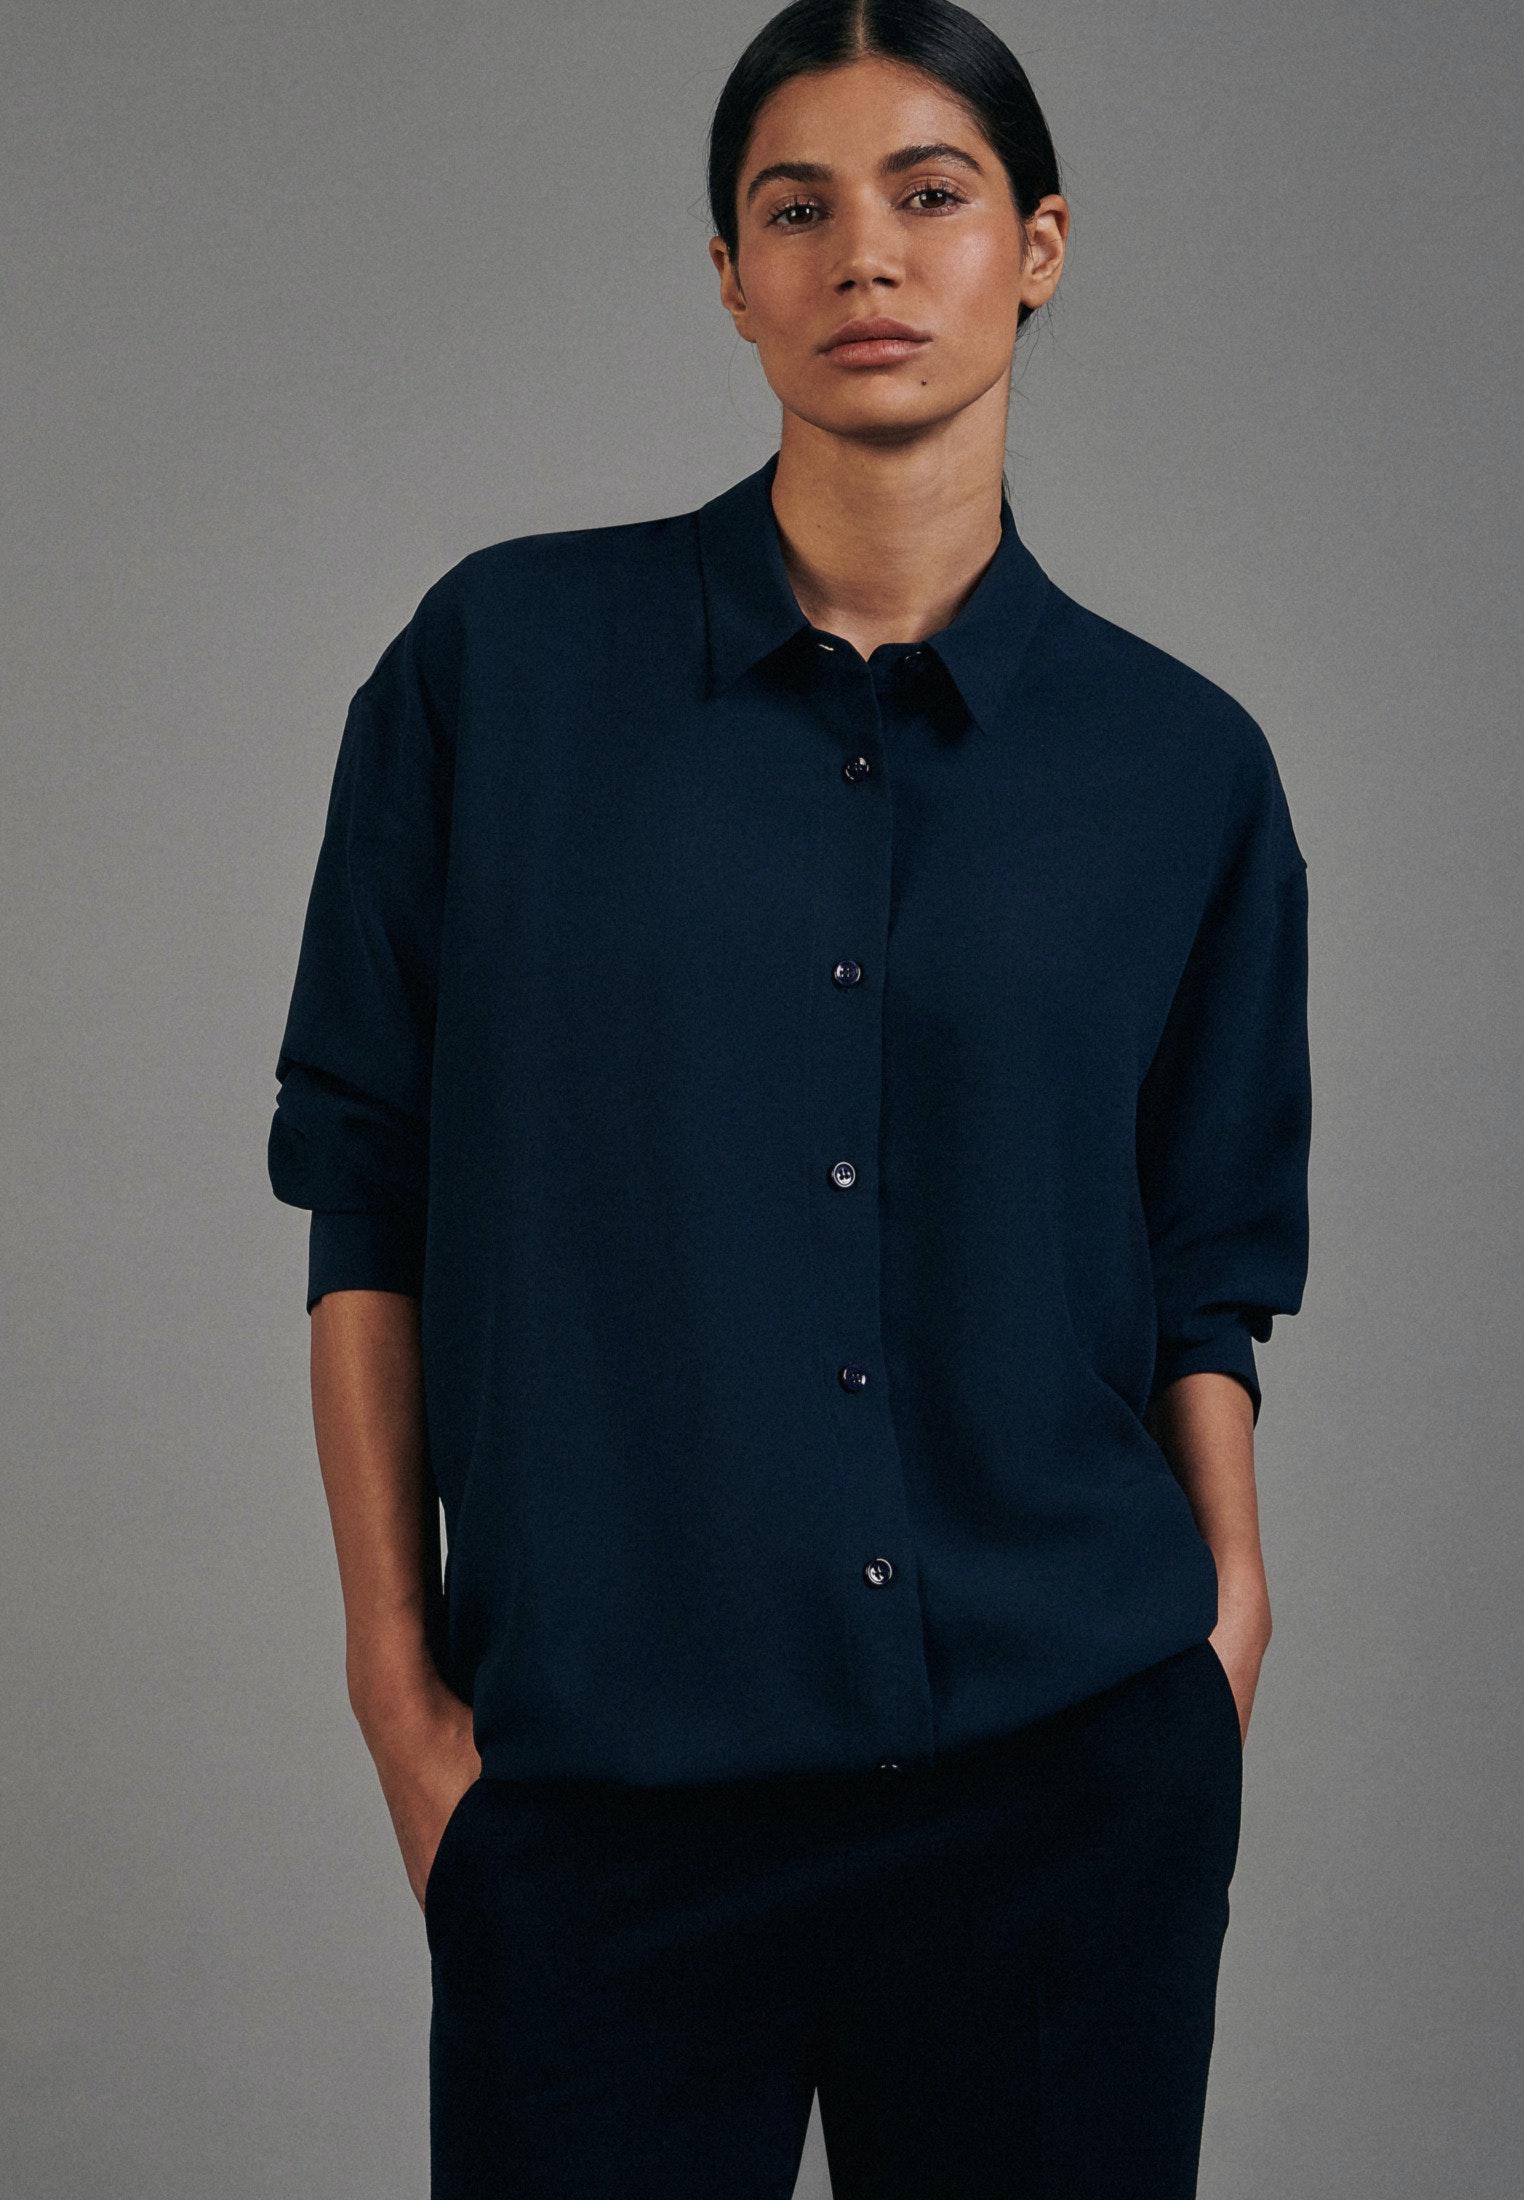 Artikel klicken und genauer betrachten! - Diese langärmelige Fashion-Bluse von Seidensticker verbindet klassische Eleganz mit modernem Selbstbewusstsein. Das Krepp-Gewebe aus Polyester sorgt für ein angenehmes, sehr leichtes Tragegefühl. Der weite, überlange Schnitt gestaltet die Bluse sehr bequem. Mit Hemdblusenkragen und Perlmutt-Knöpfen.   im Online Shop kaufen